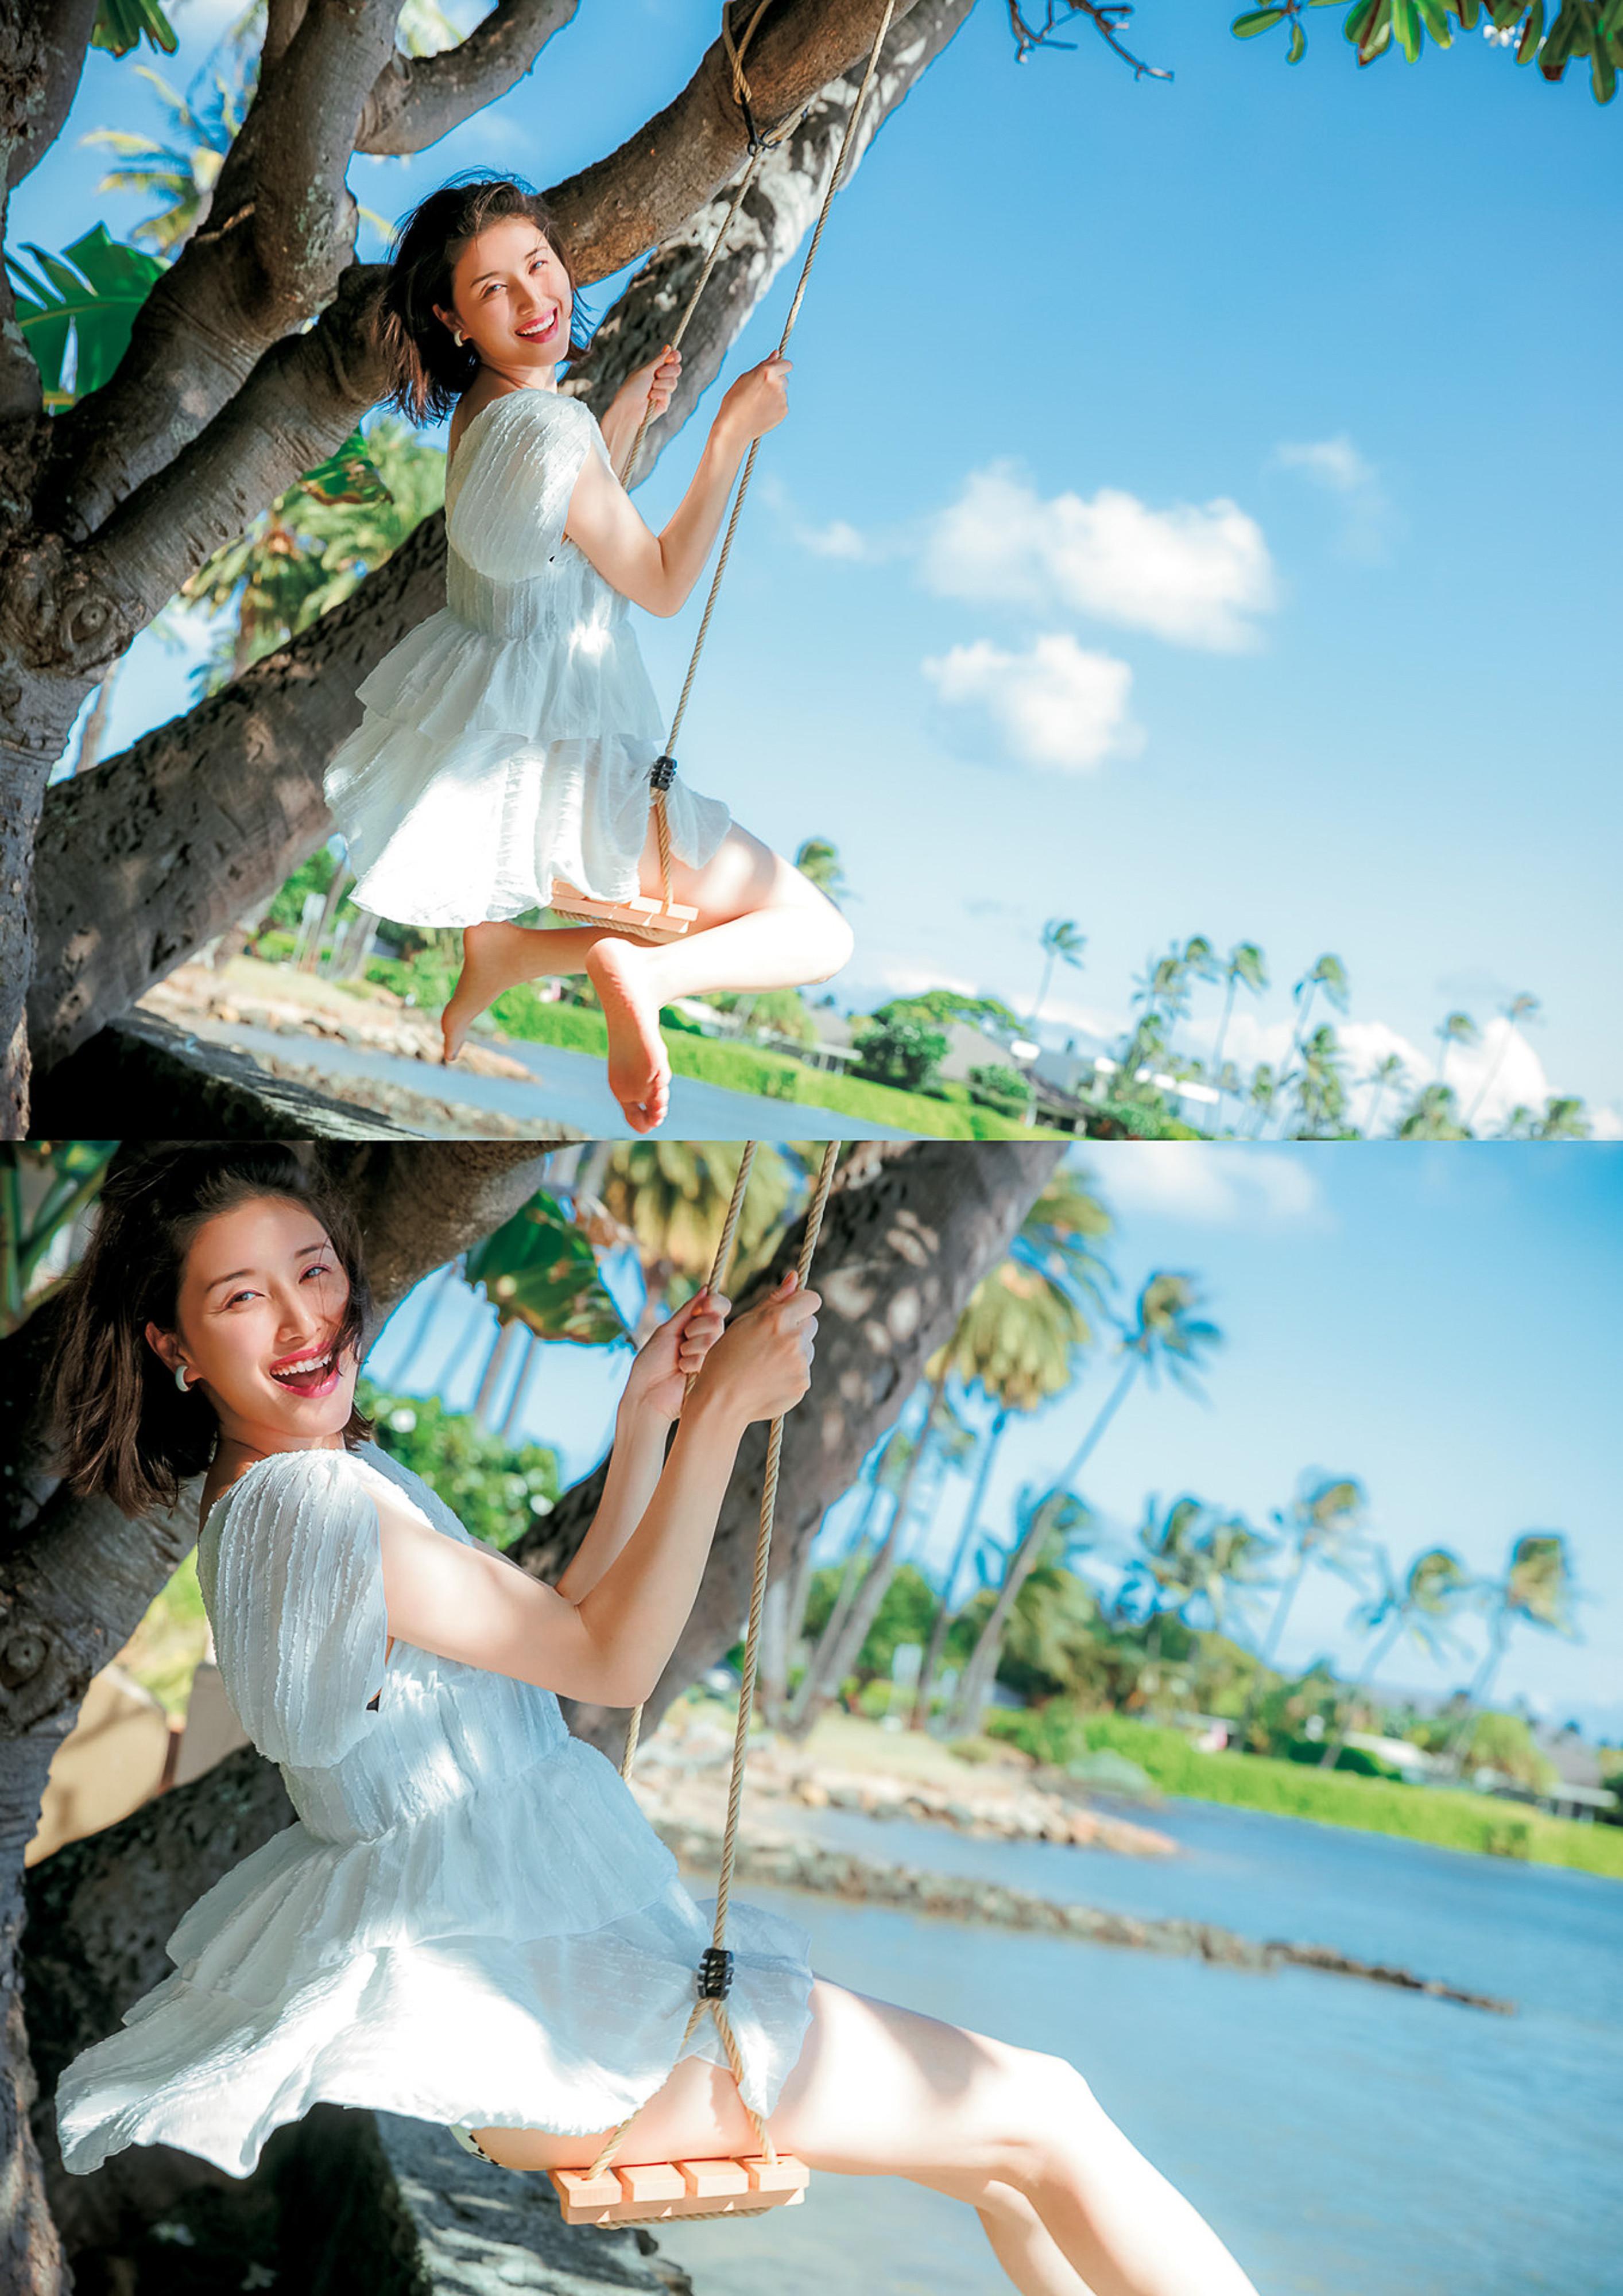 Hashimoto-Manami-db-hugging-in-Hawaii-068